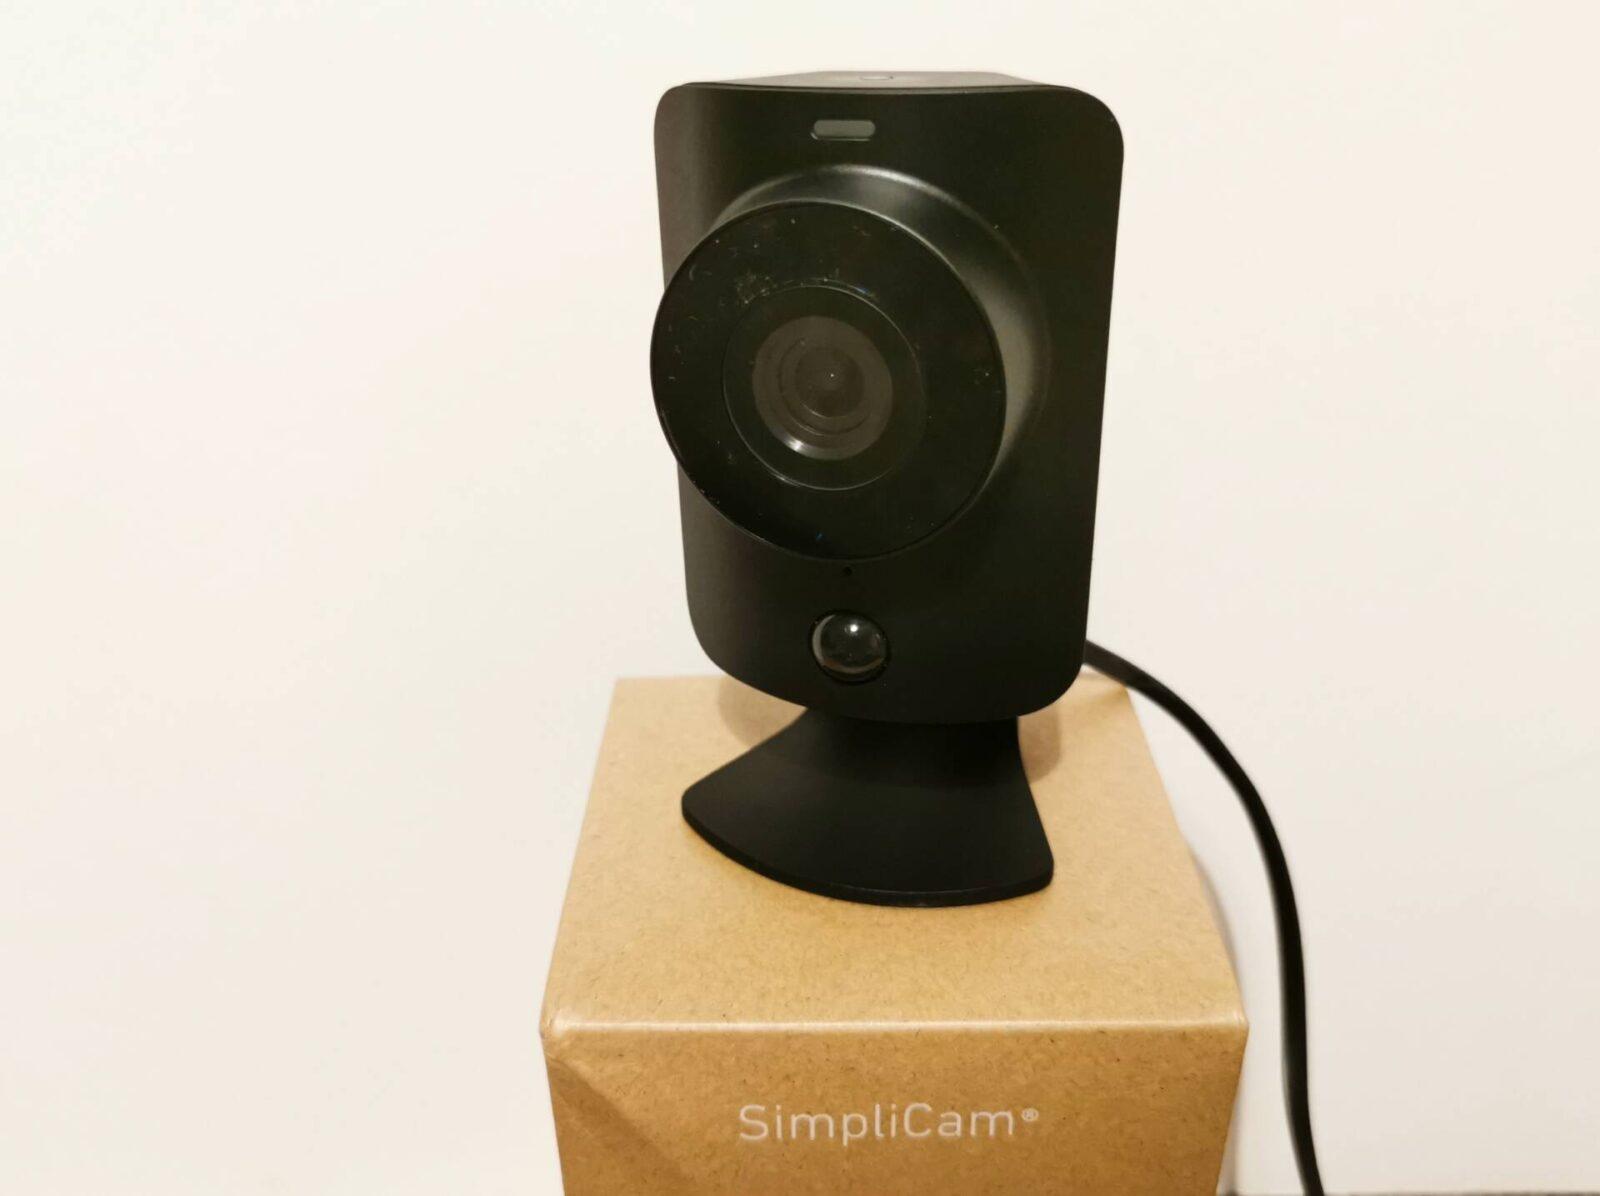 SimpliSafe SimpliCam home security camera review